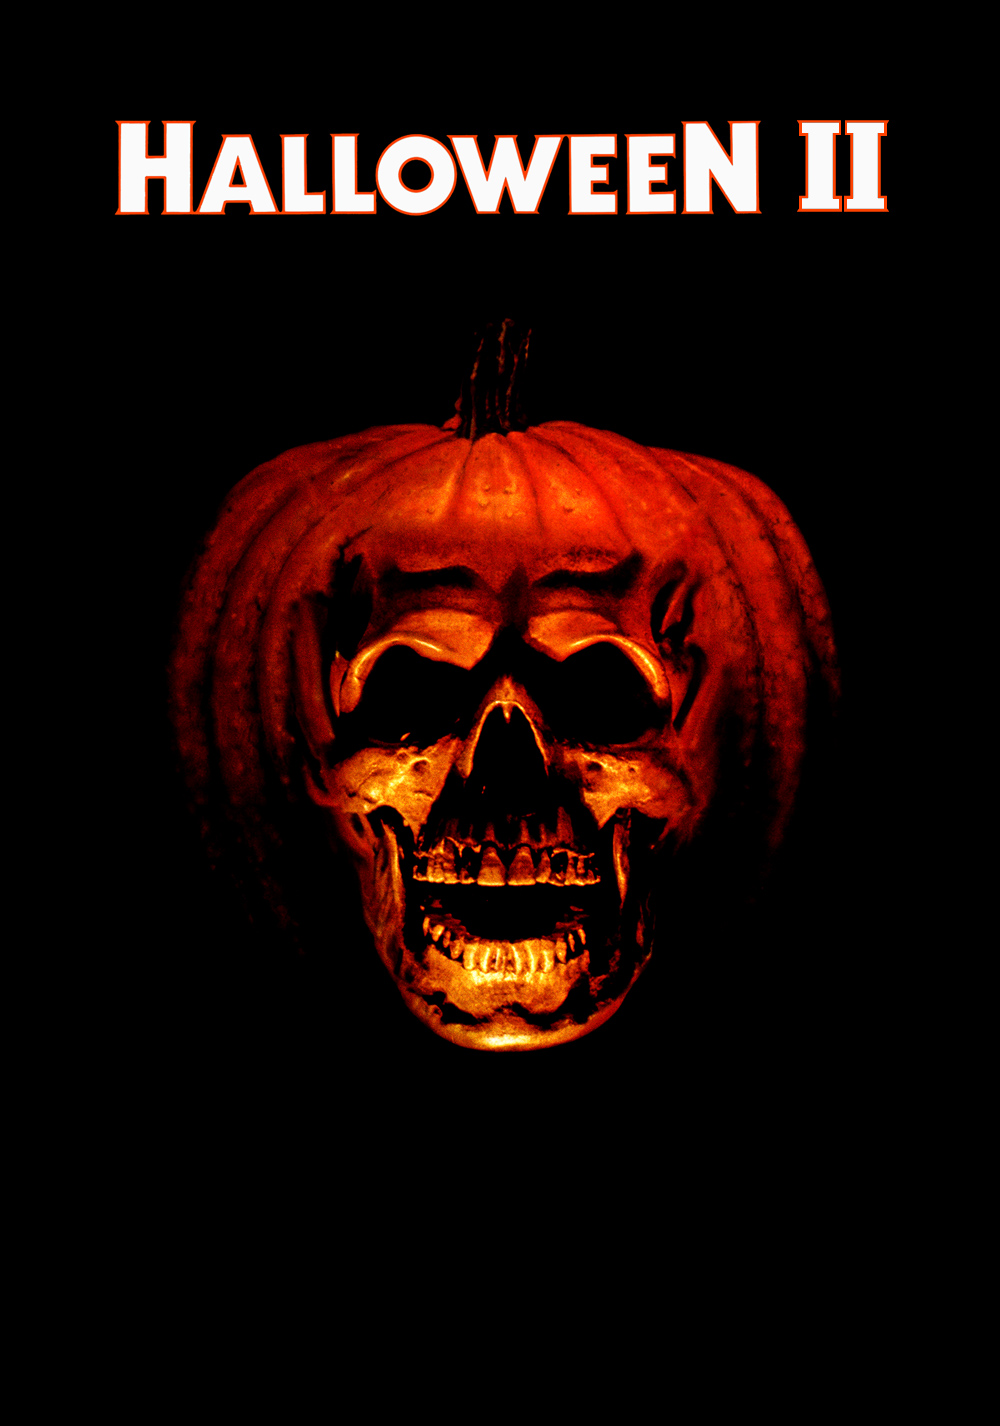 Halloween II | Movie fanart | fanart.tv